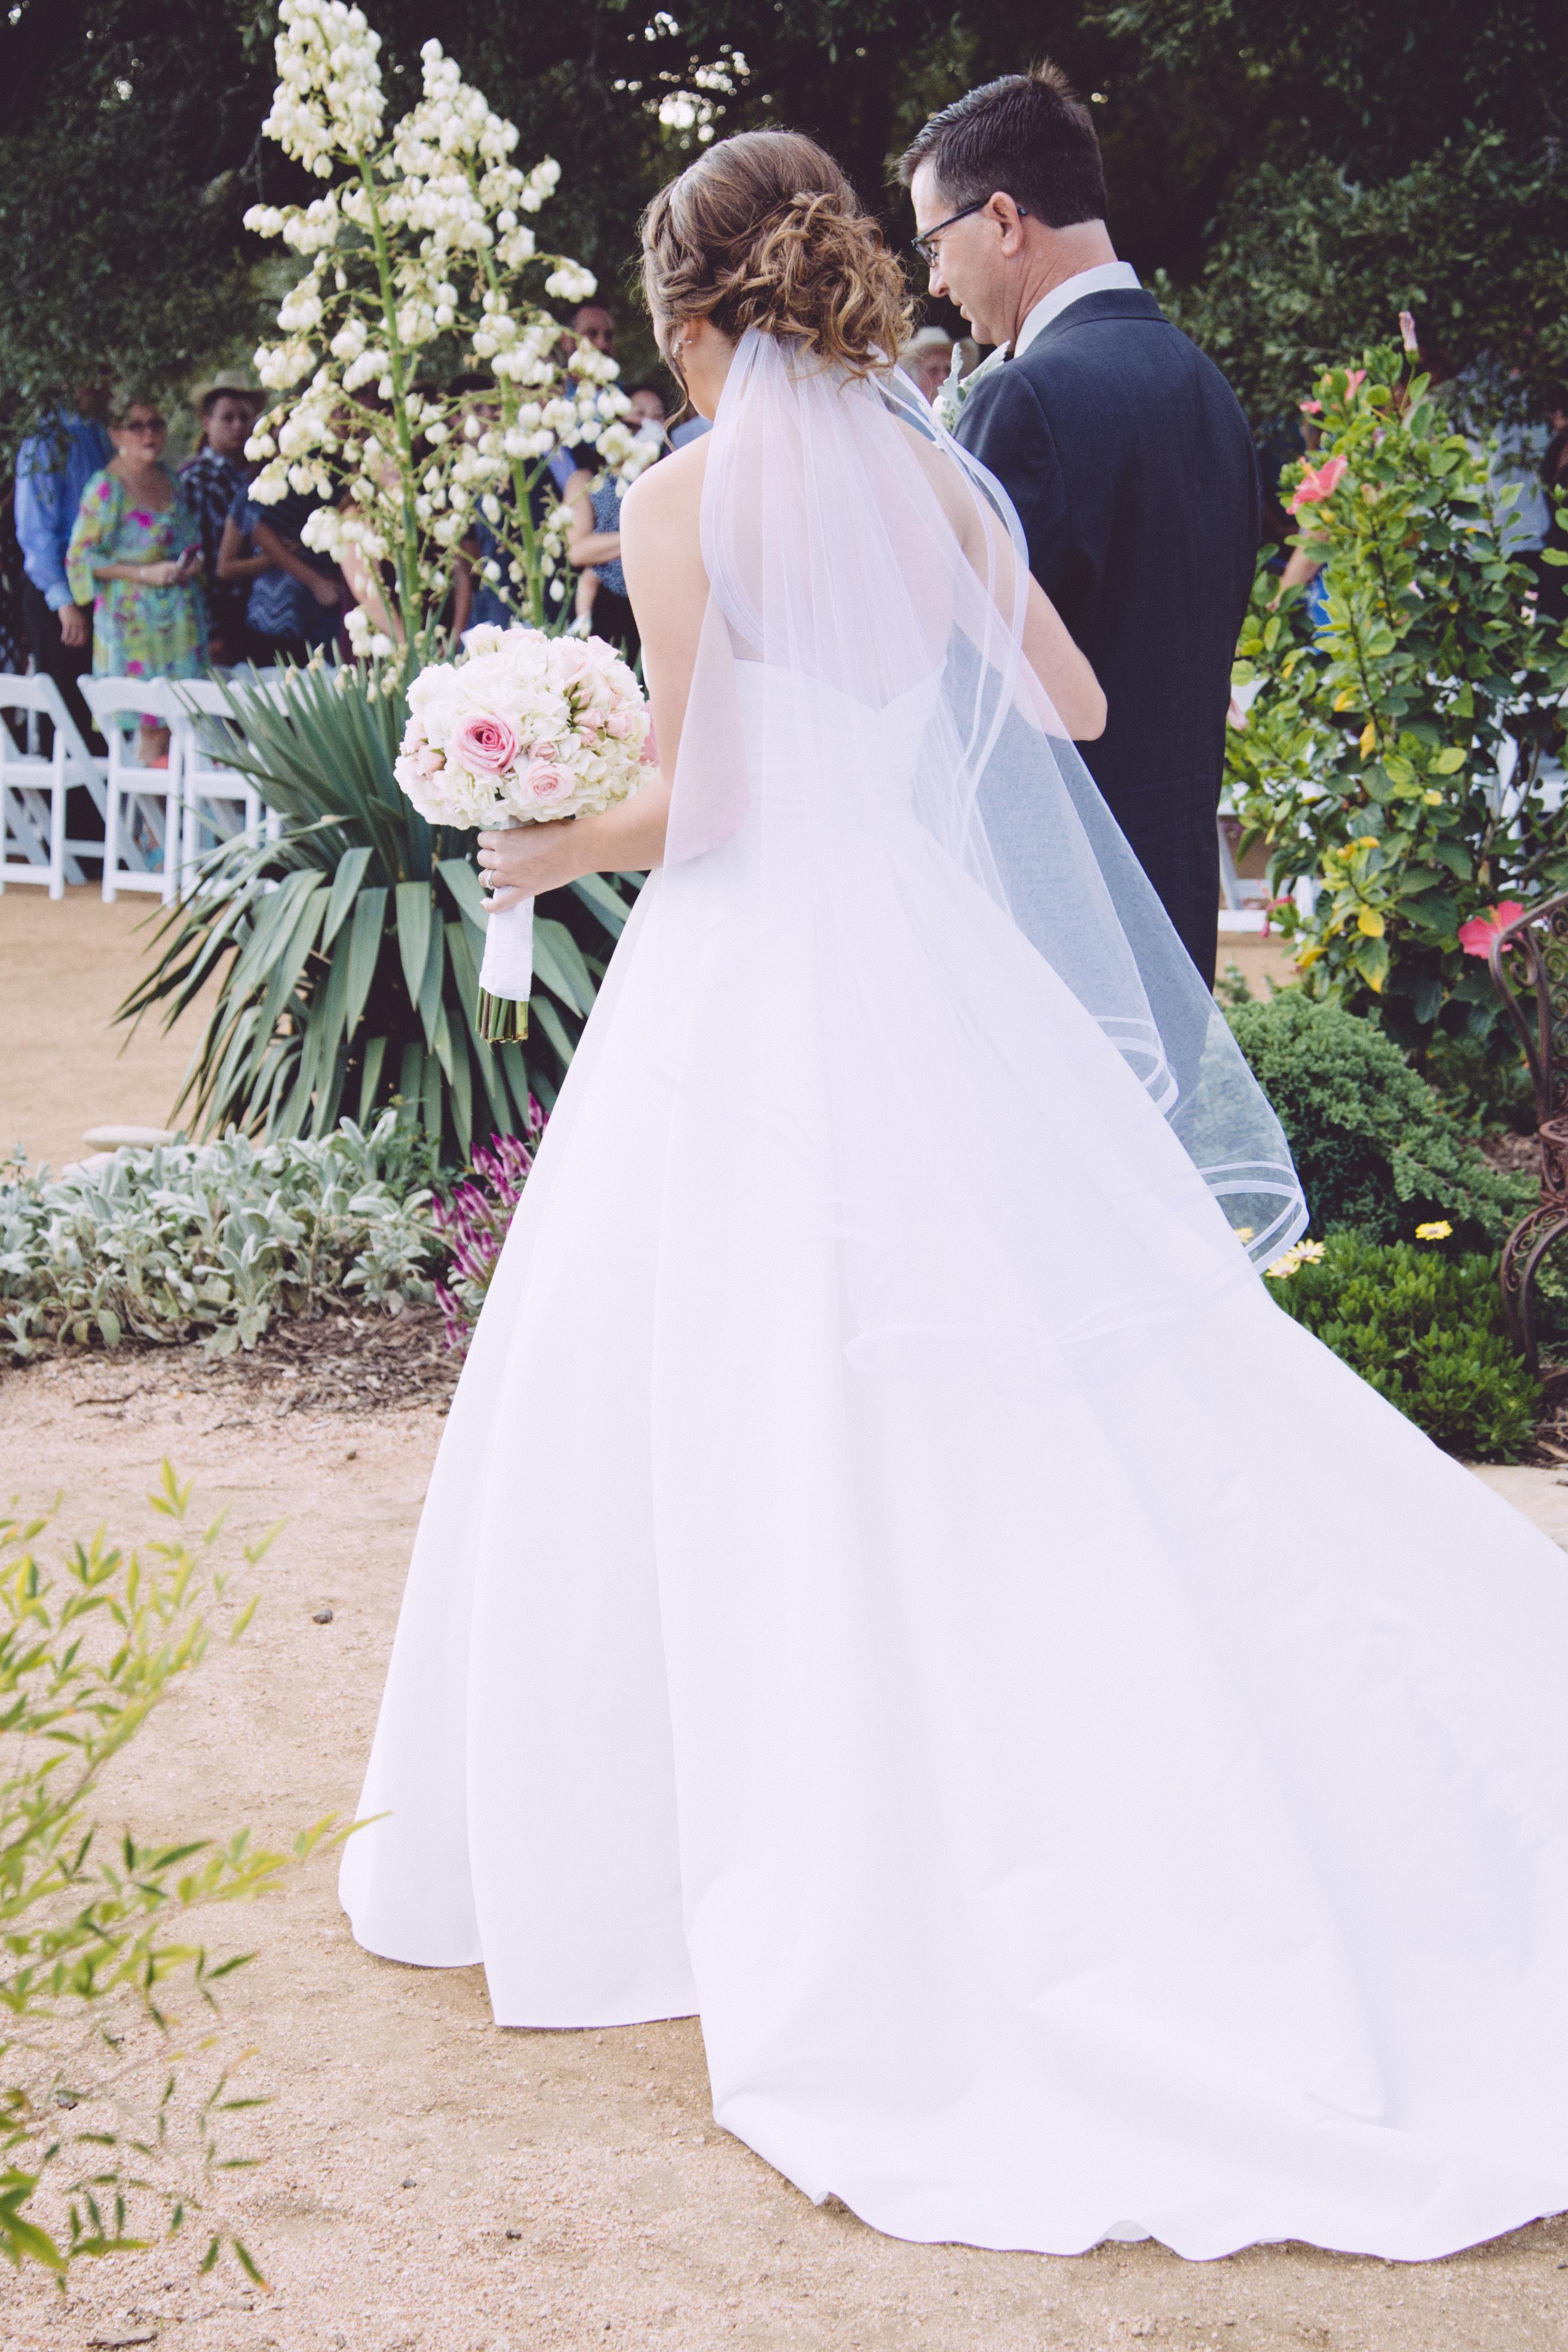 acwedding-44817448acwedding